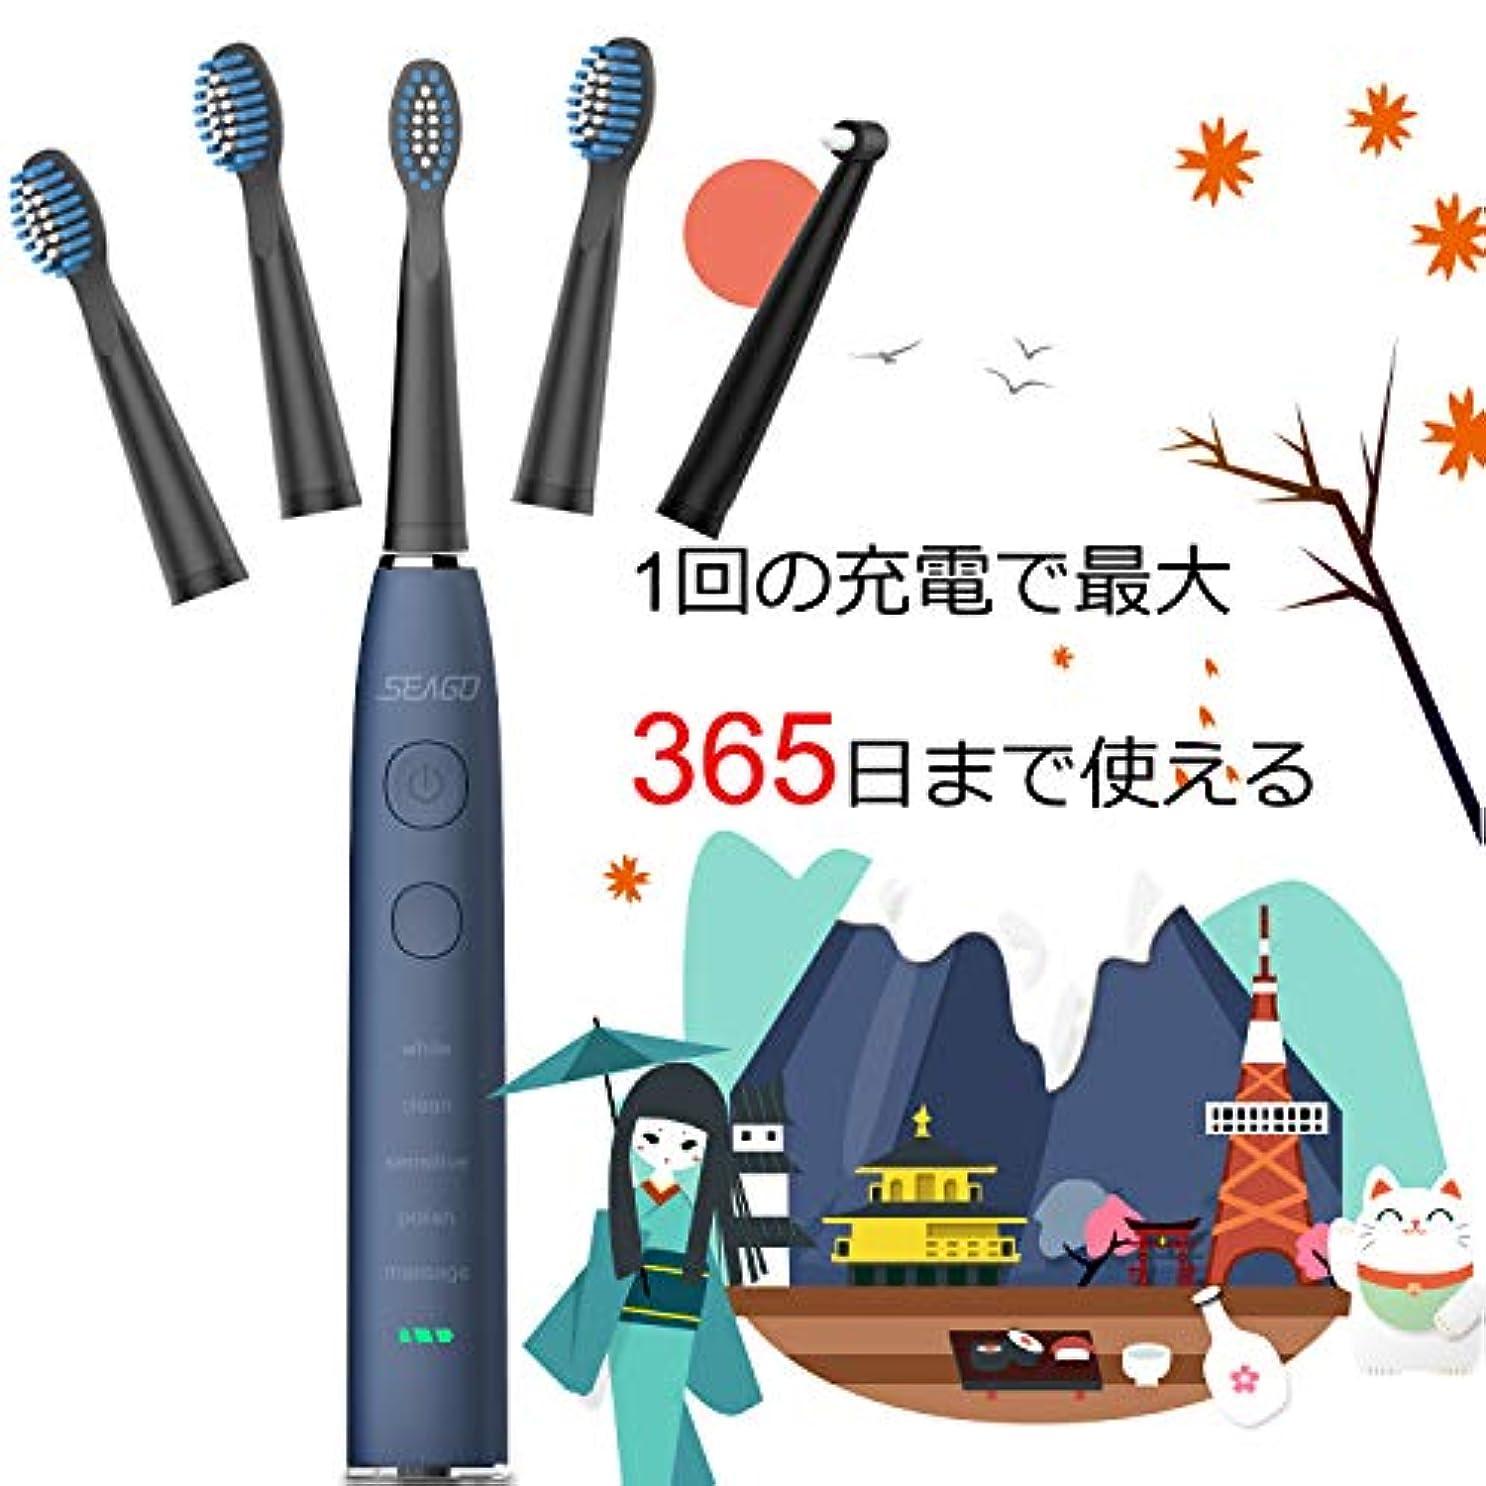 明らかにする口述するに賛成電動歯ブラシ 歯ブラシ seago 音波歯ブラシ USB充電式8時間 365日に使用 IPX7防水 五つモードと2分オートタイマー機能搭載 替えブラシ5本 12ヶ月メーカー保証 SG-575(ブルー)